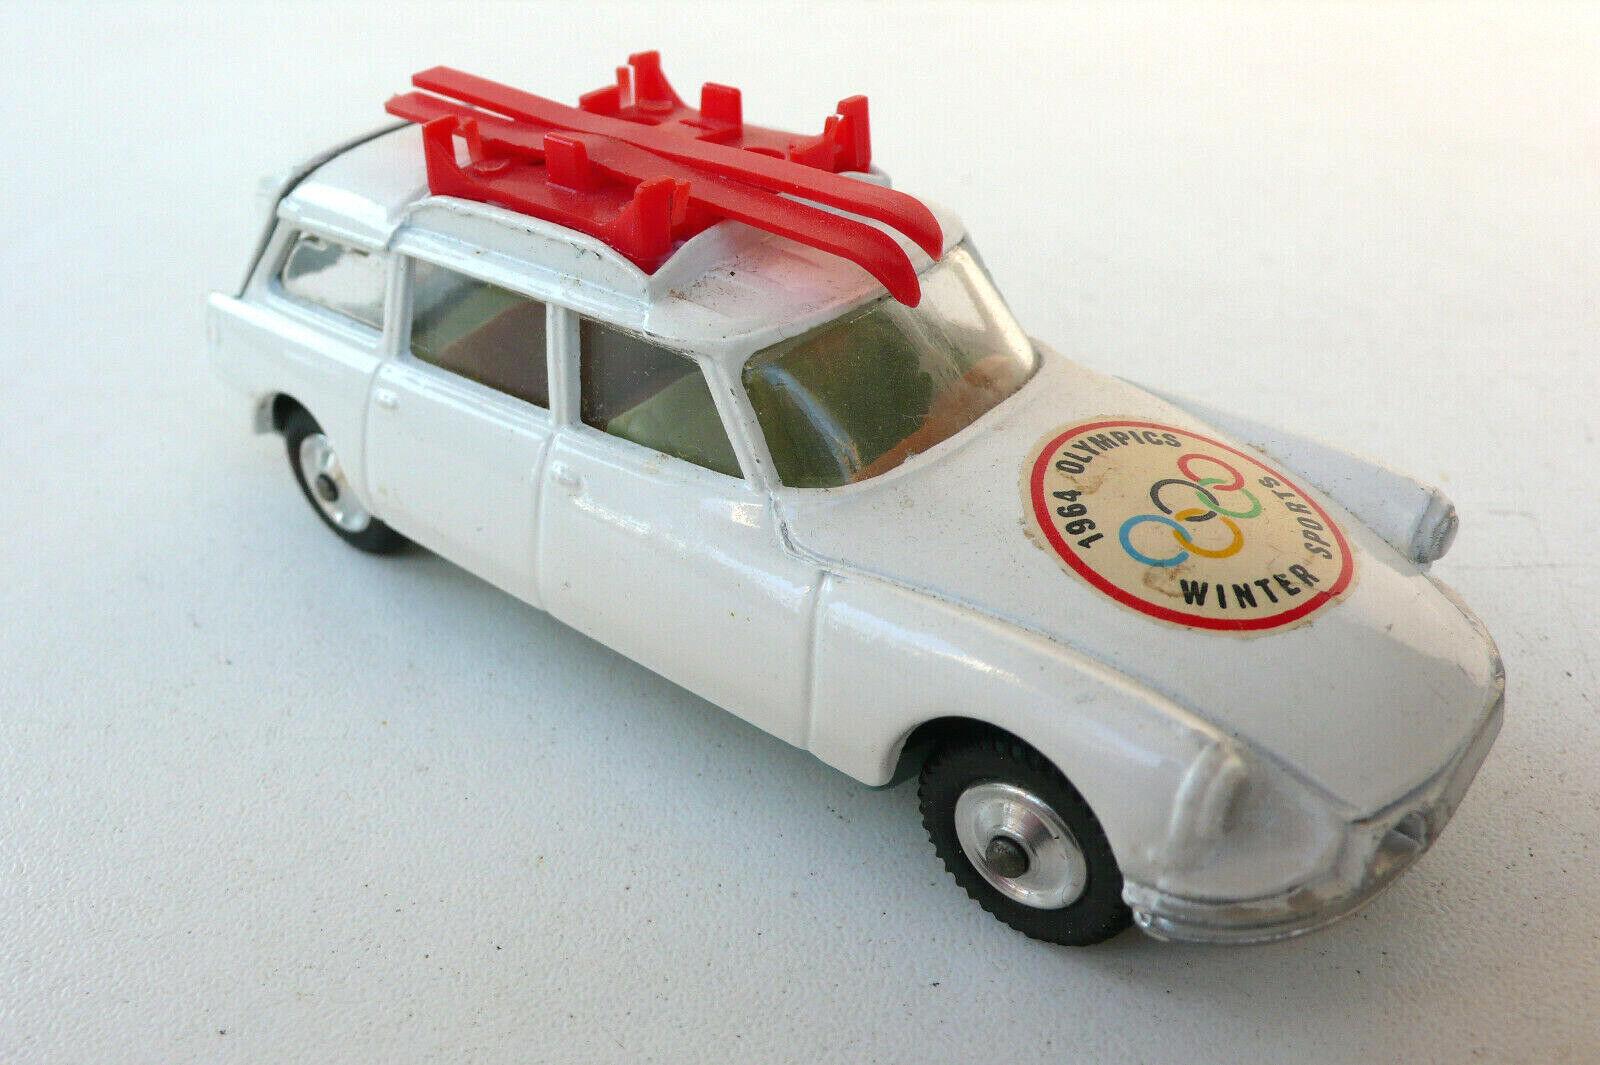 servicio considerado CORGI TOYS TOYS TOYS   CITROEN DS SAFARI    OLYMPICS WINTER SPORTS 1964   BON ÉTAT  Entrega rápida y envío gratis en todos los pedidos.